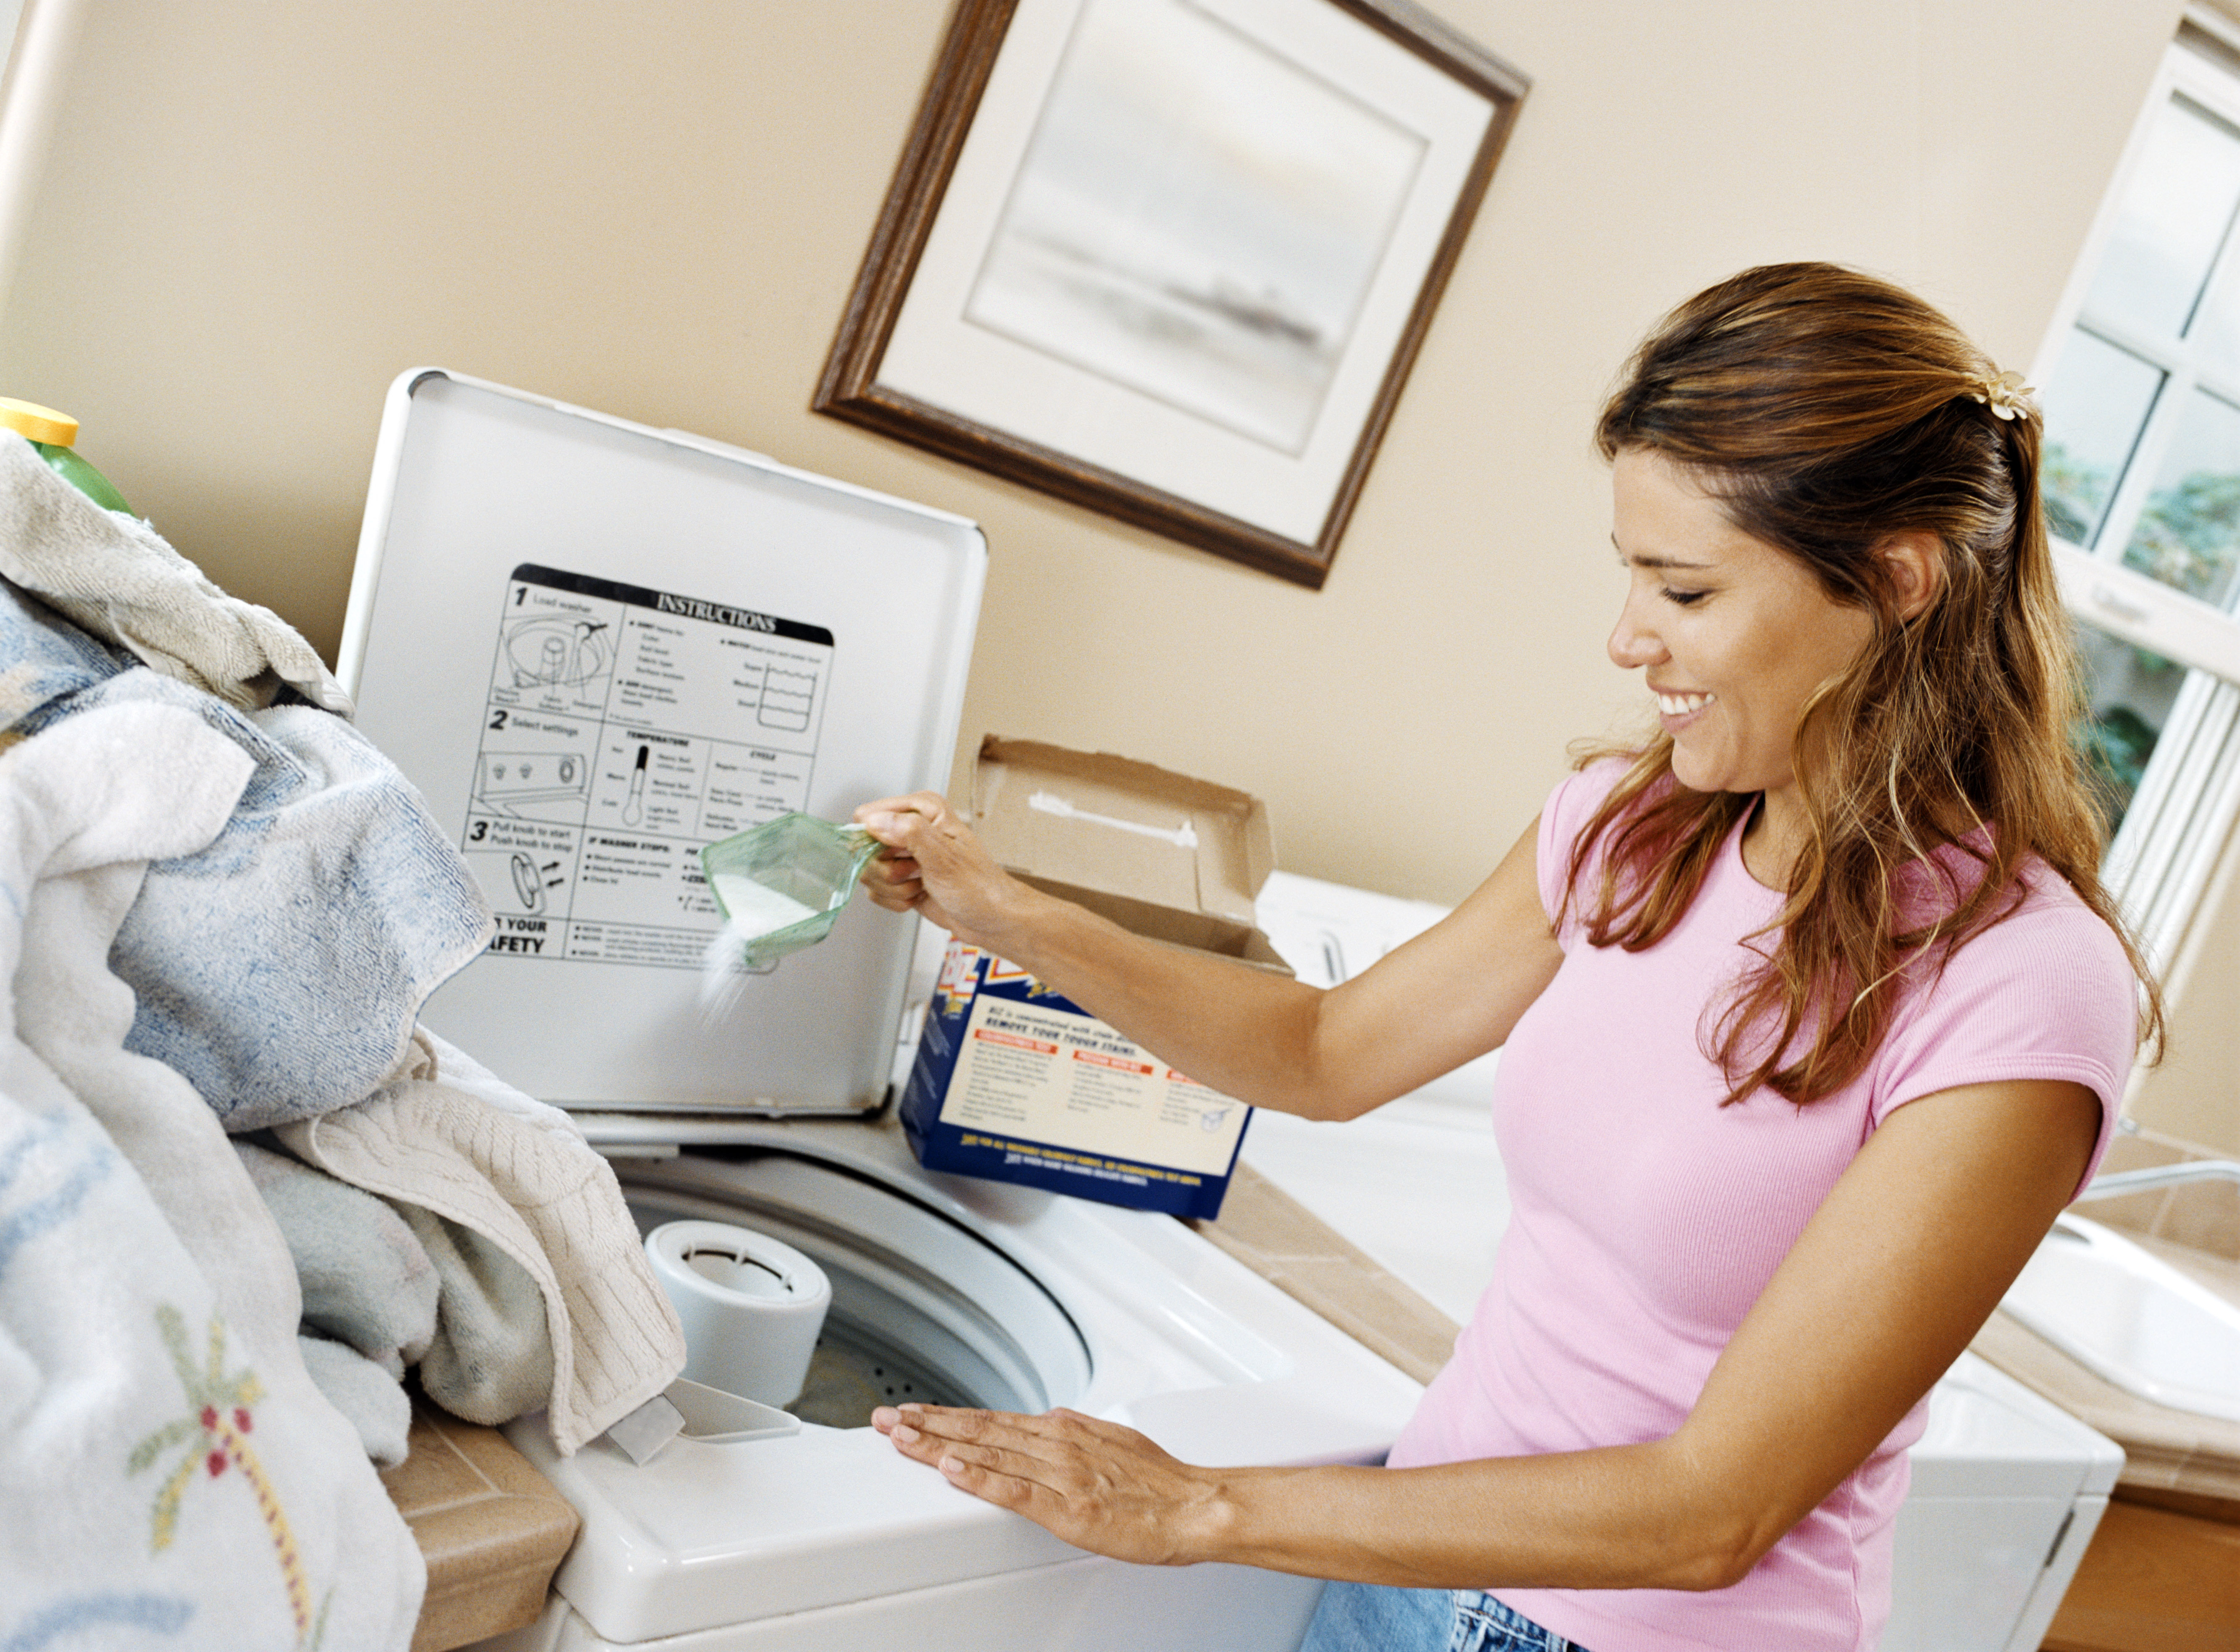 Azaé Haushaltstipp Wie reinigt man die Waschmaschine?